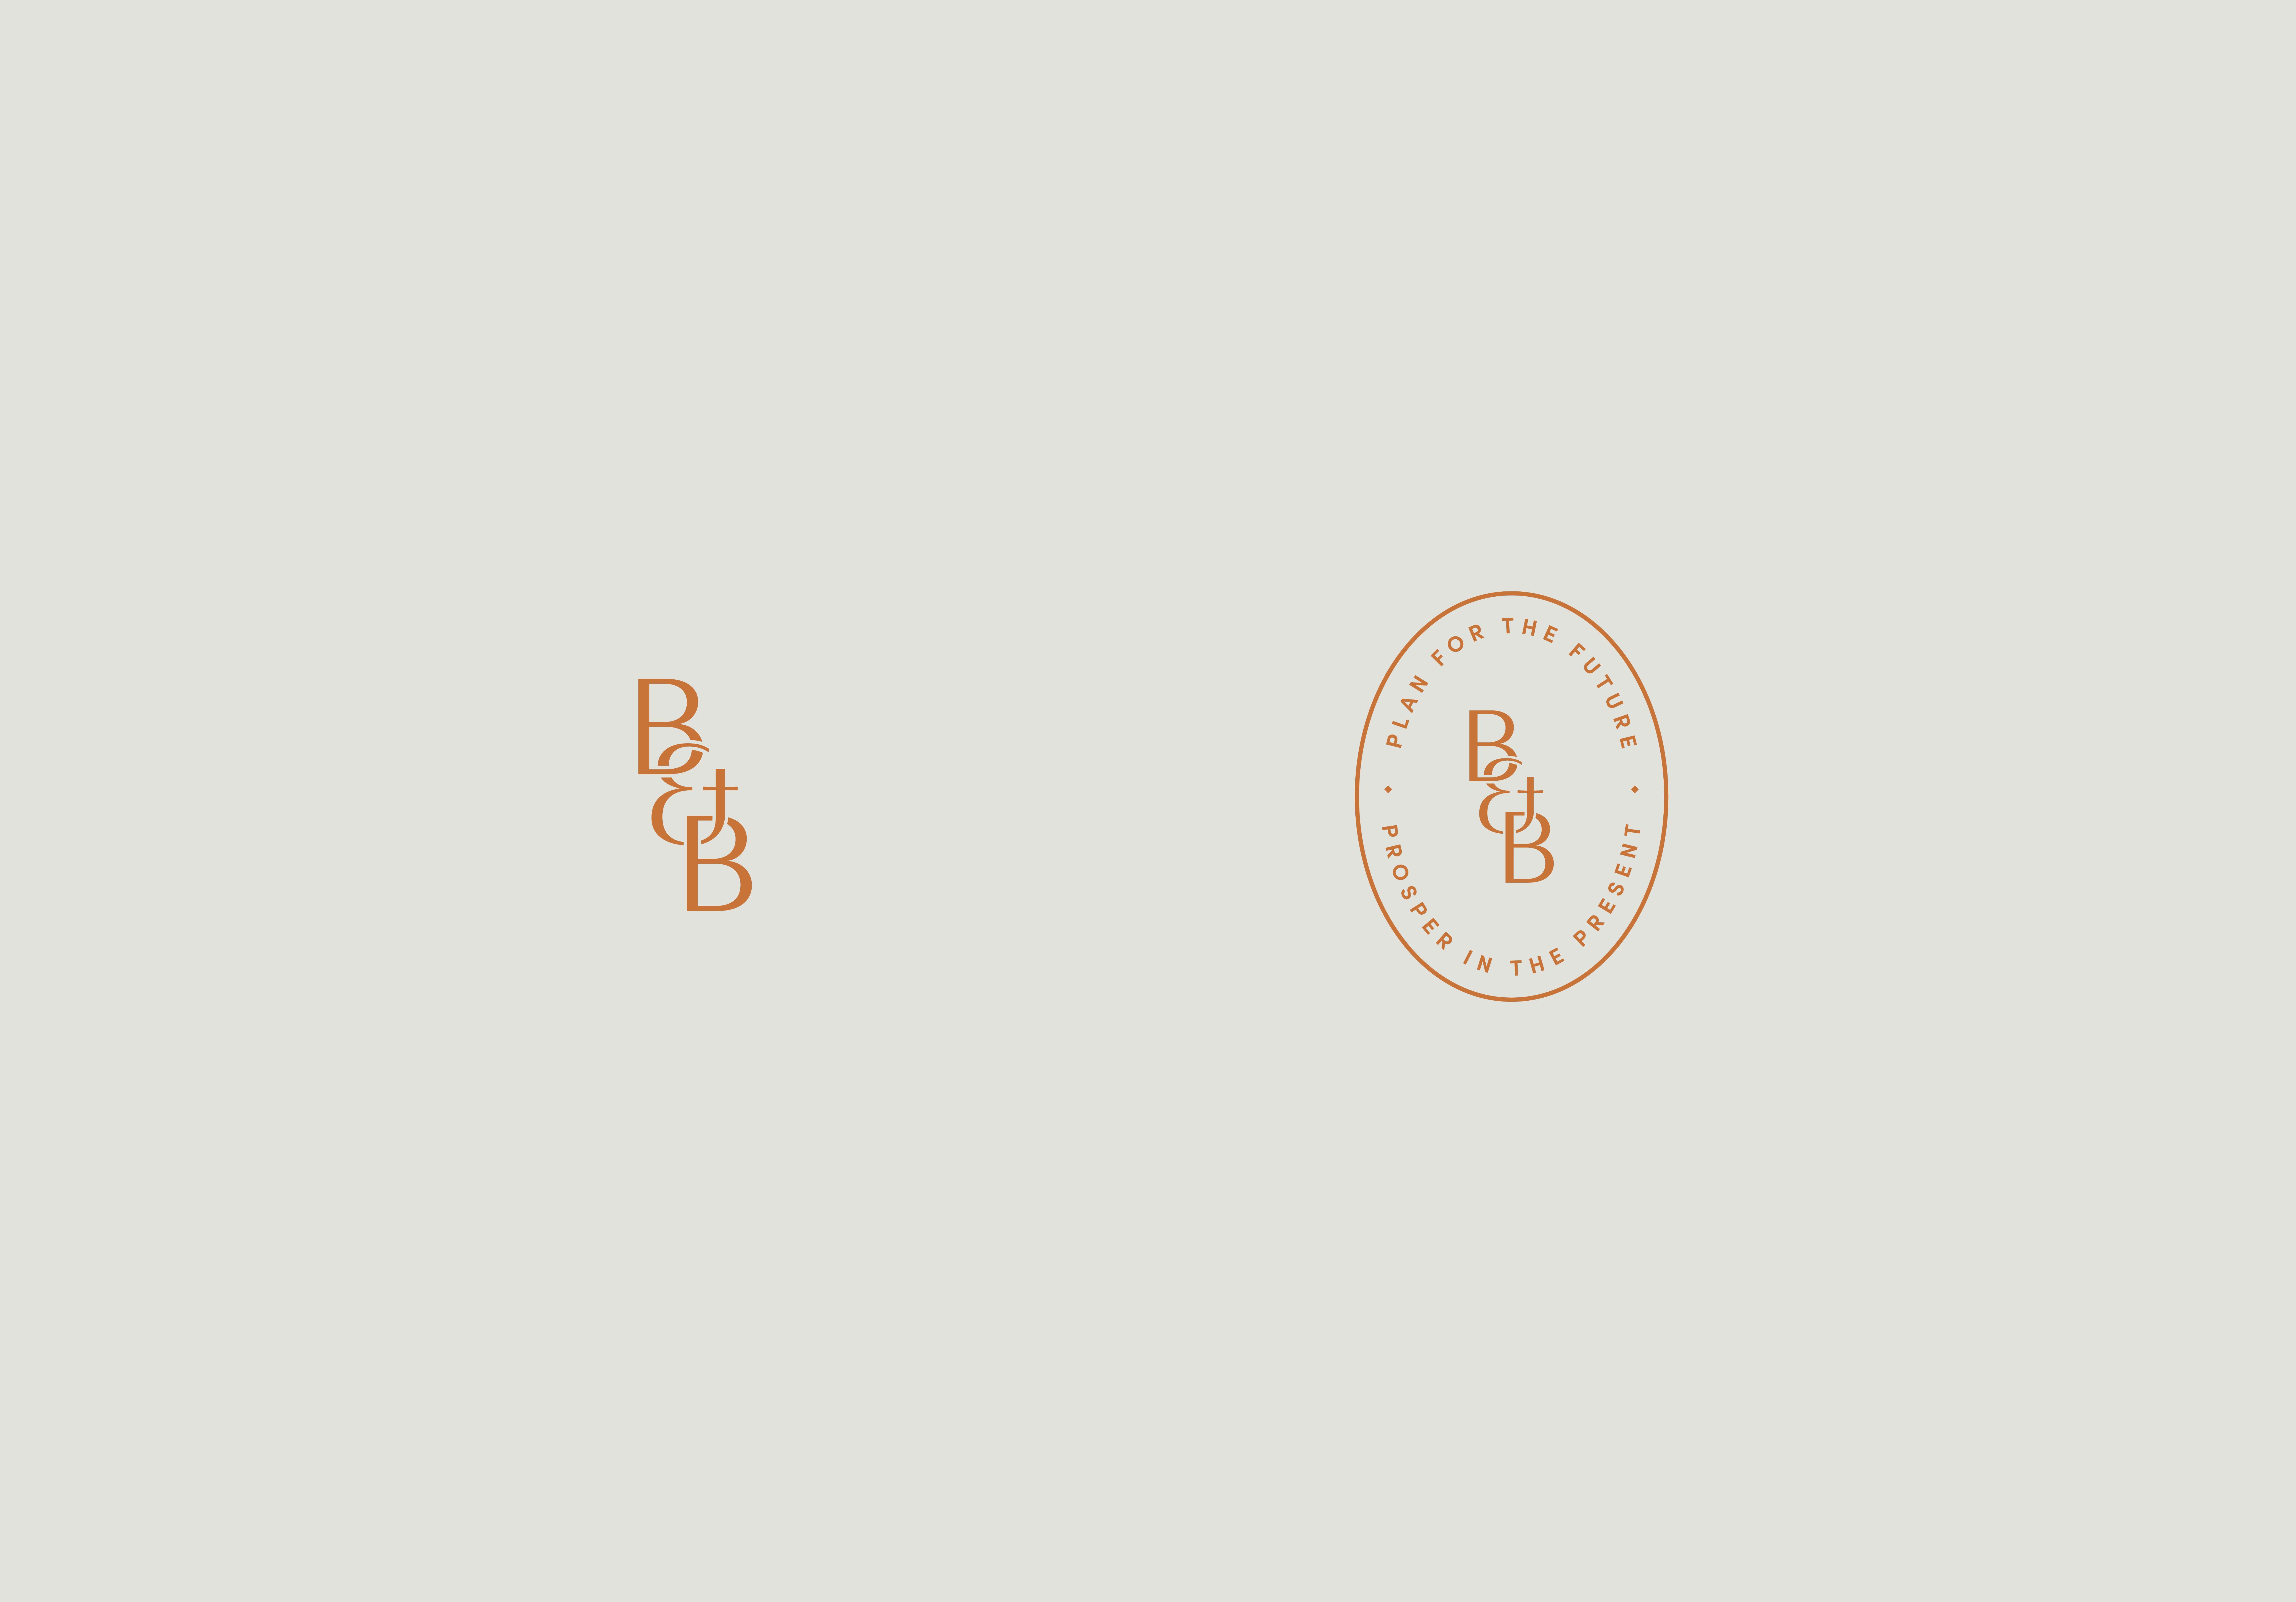 B&B Monogram and B&B stamp